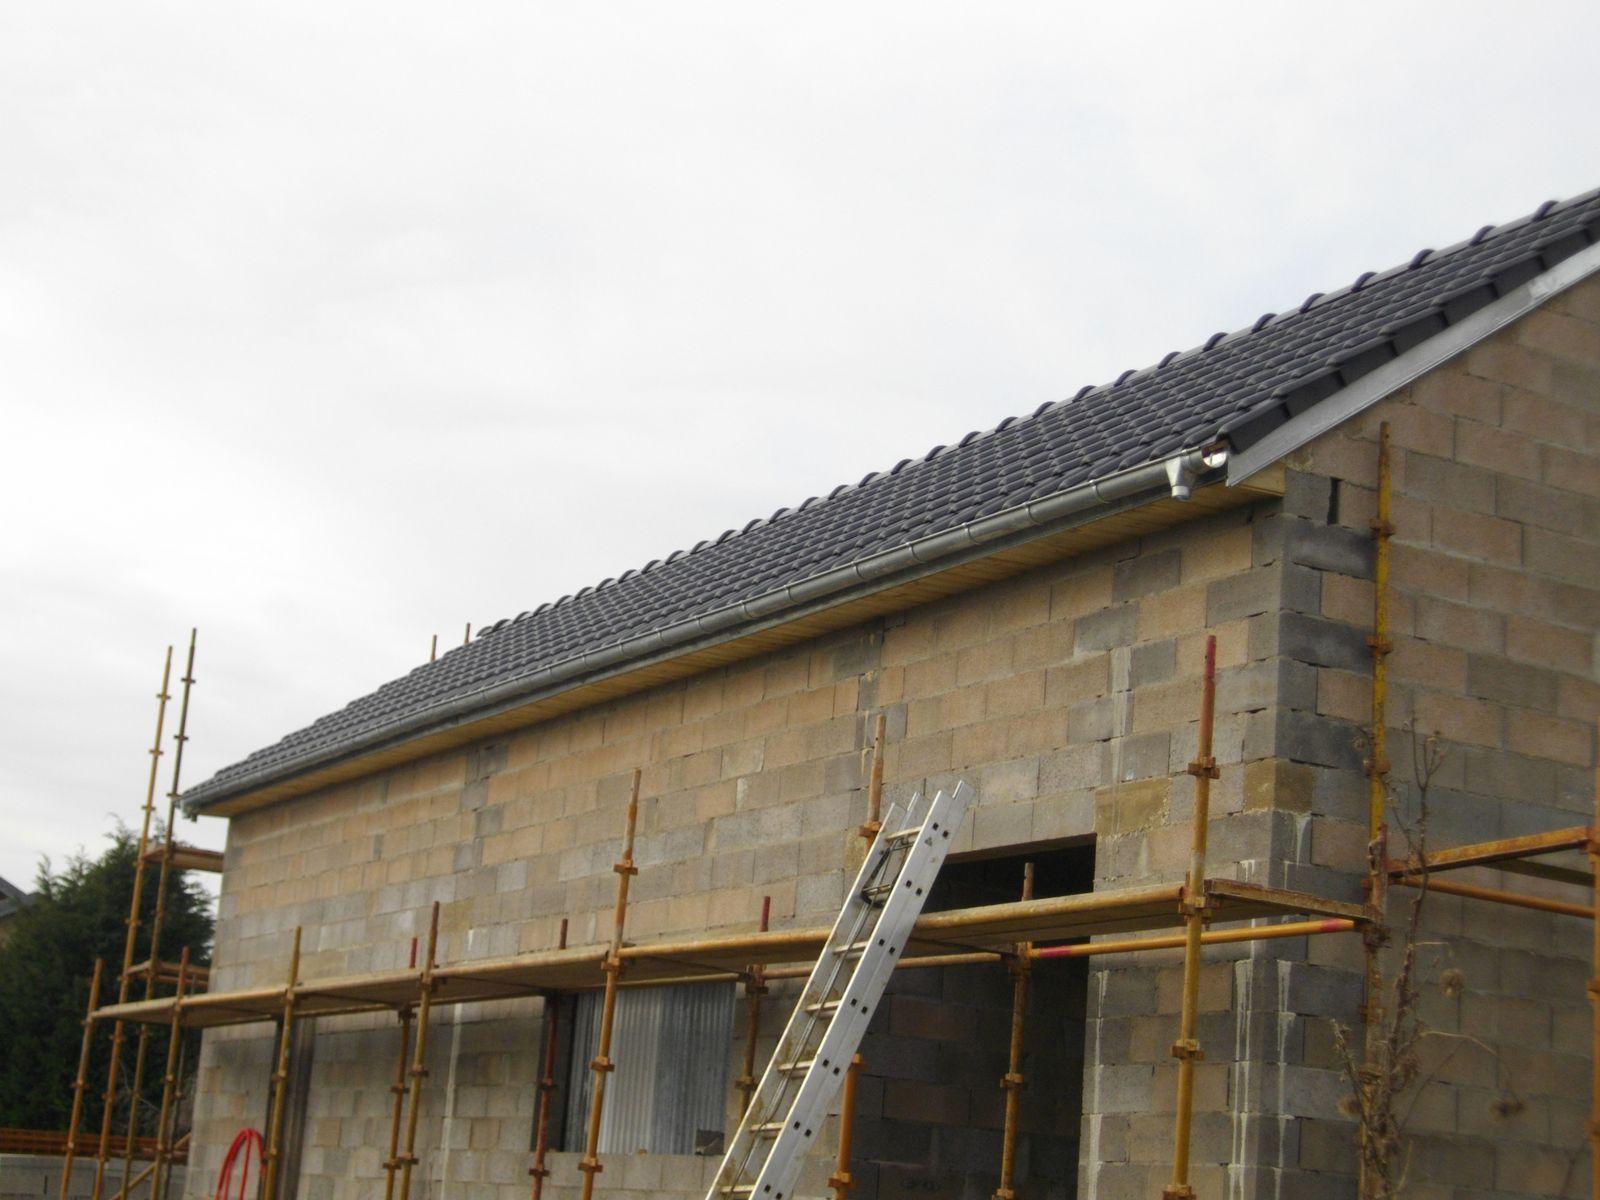 Jc337 jt103 habillage maison active - Maison active ...